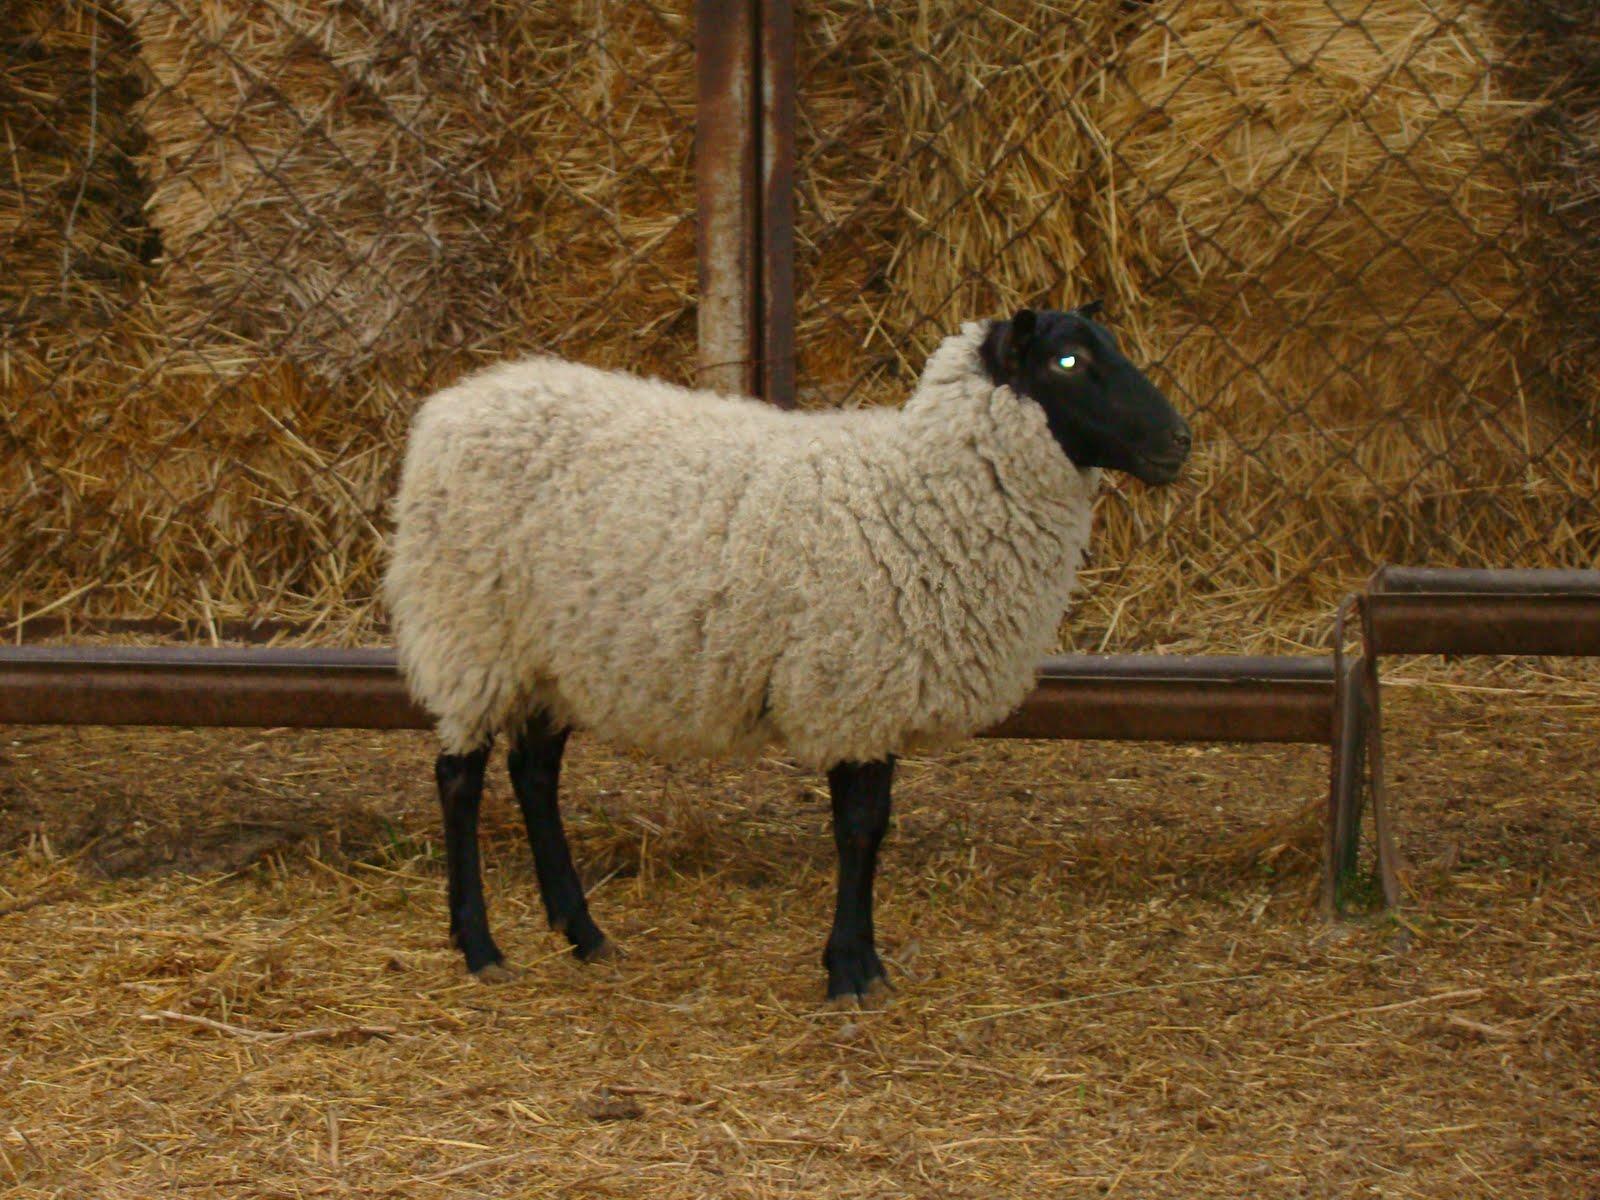 Продажа племенного молодняка овец романовской породы с новогодними скидками с 17 ноября по 25 декабря ярки элита и 1 класс от 11 до (при покупке от 20 голов скидка 5%, при.